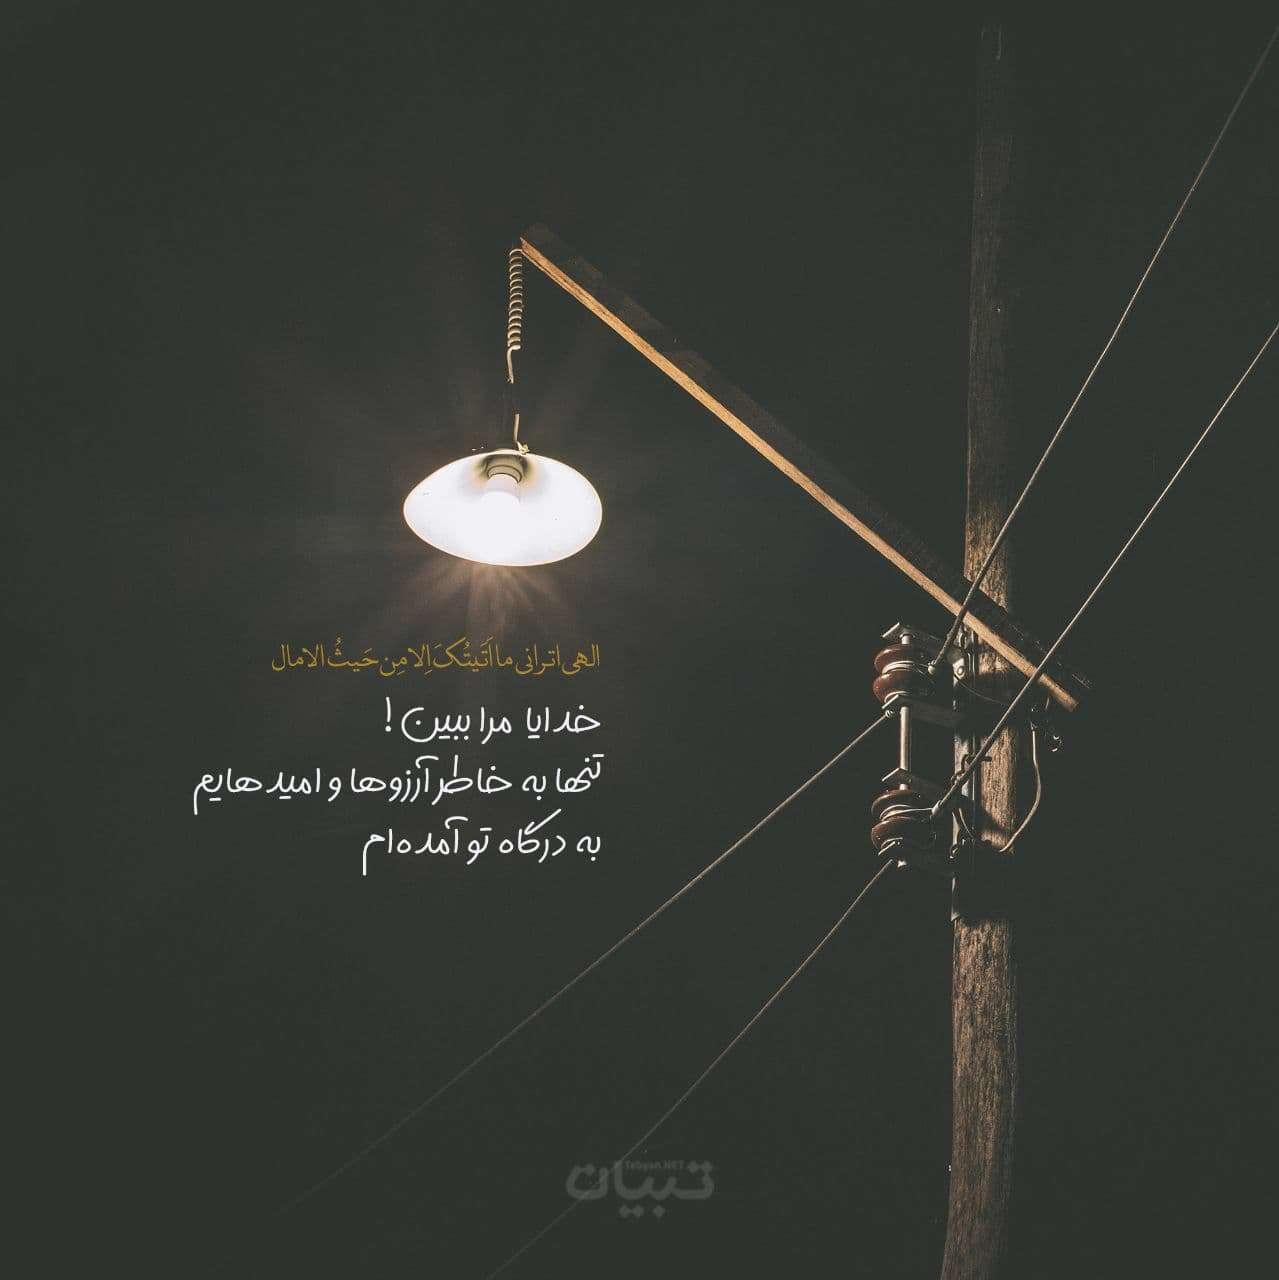 شب آرزوها همین آرزومه؛ مداجی استدیویی حسین طاهری